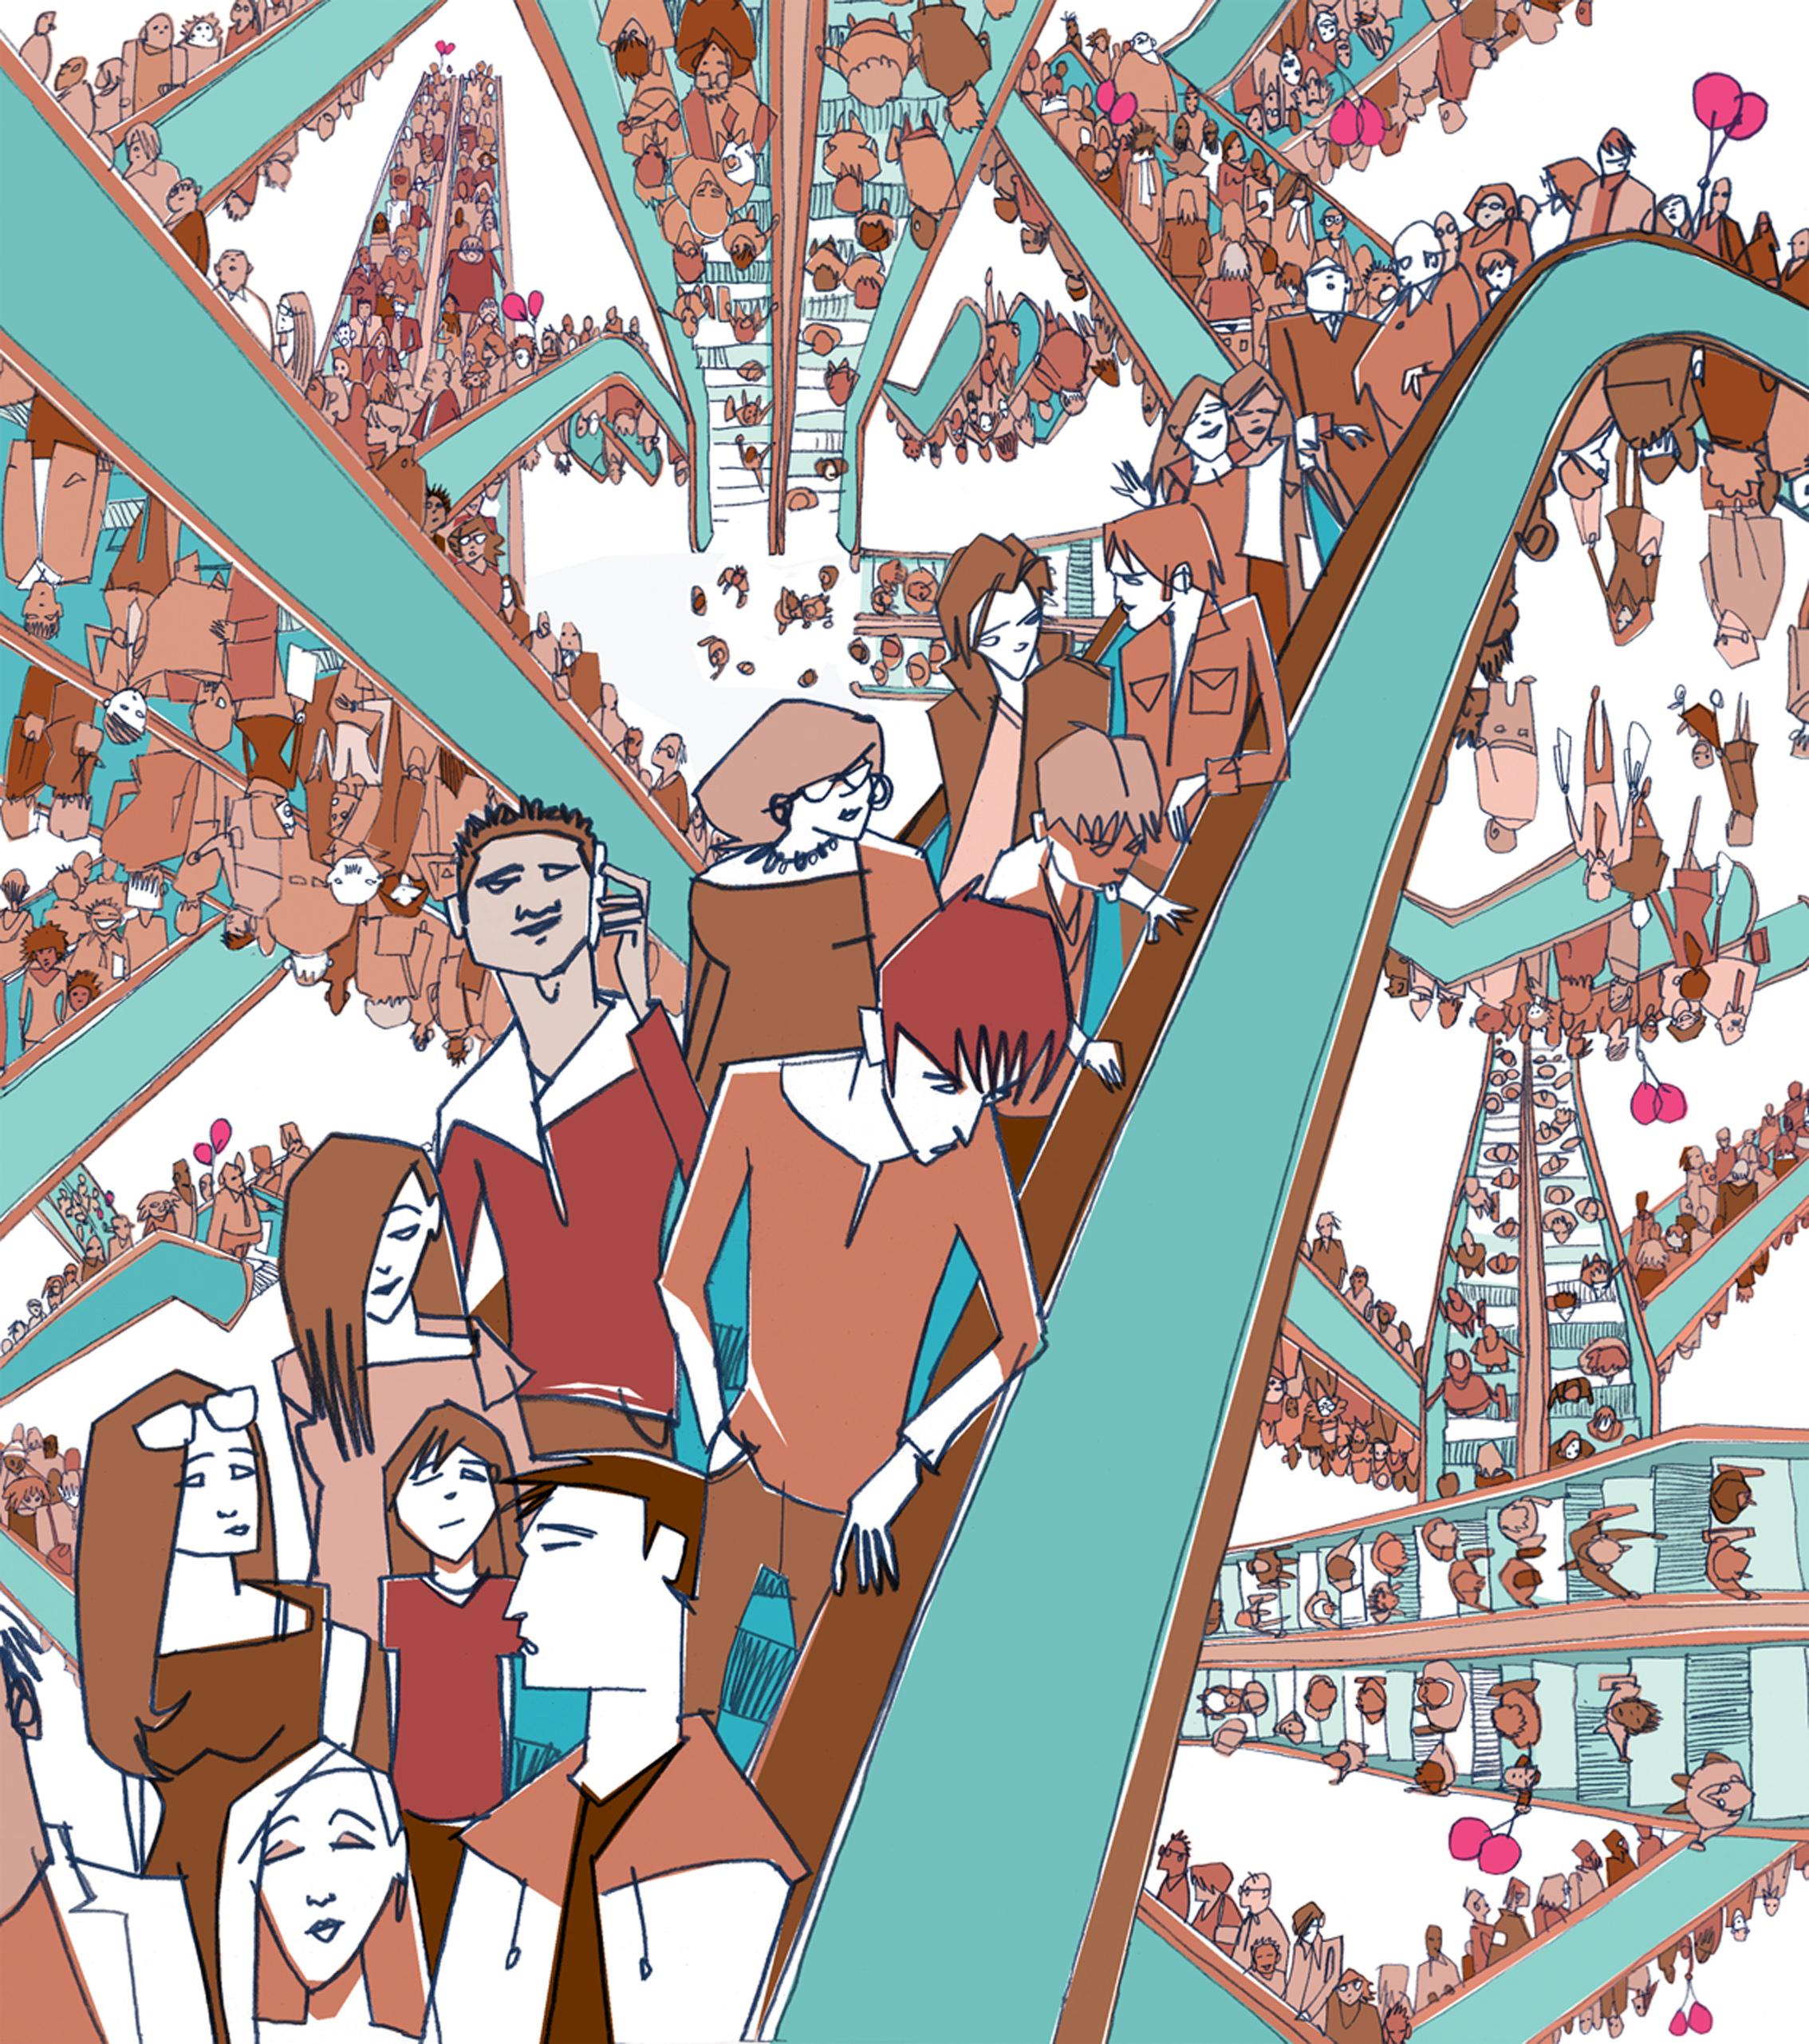 Elevators people crowds teens Dylan Gibson.jpg